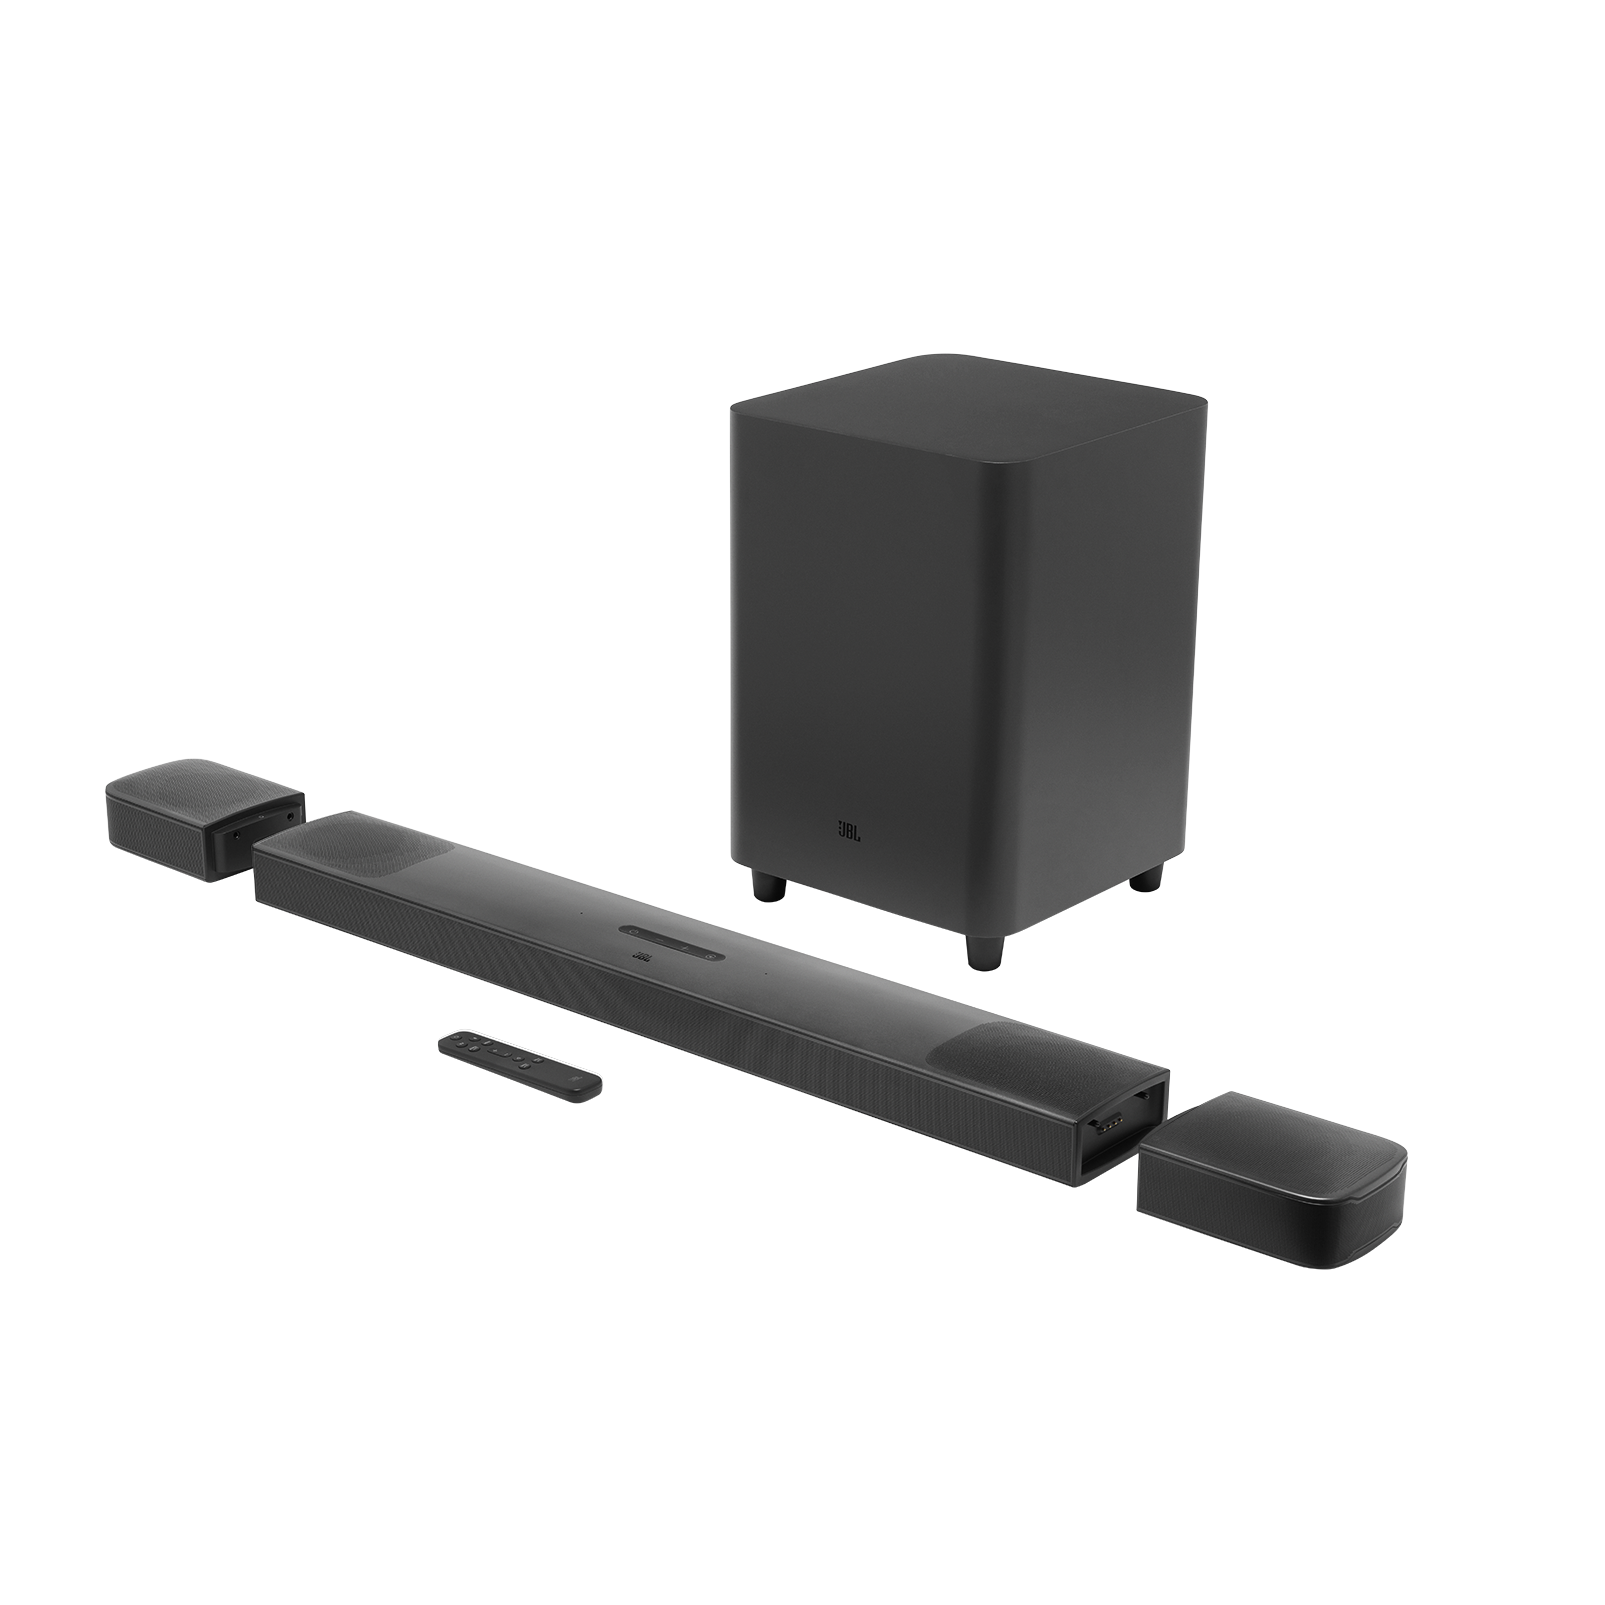 JBL BAR 9.1 True Wireless Surround z Dolby Atmos® - Black - Hero